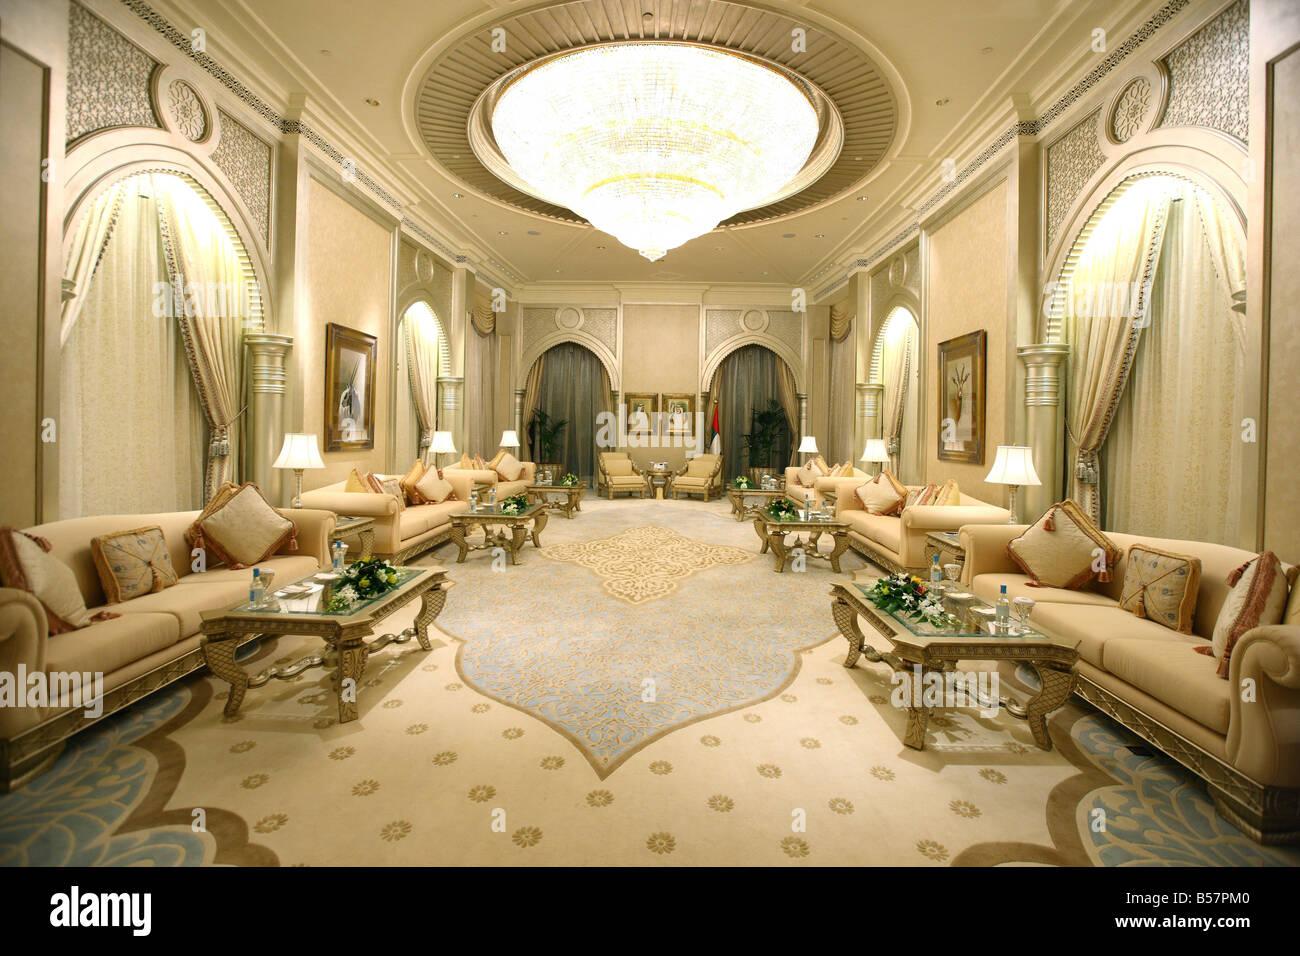 UAE Abu Dhabi Emirates Palace Hotel Kempinski Group One Of 7 Ruler